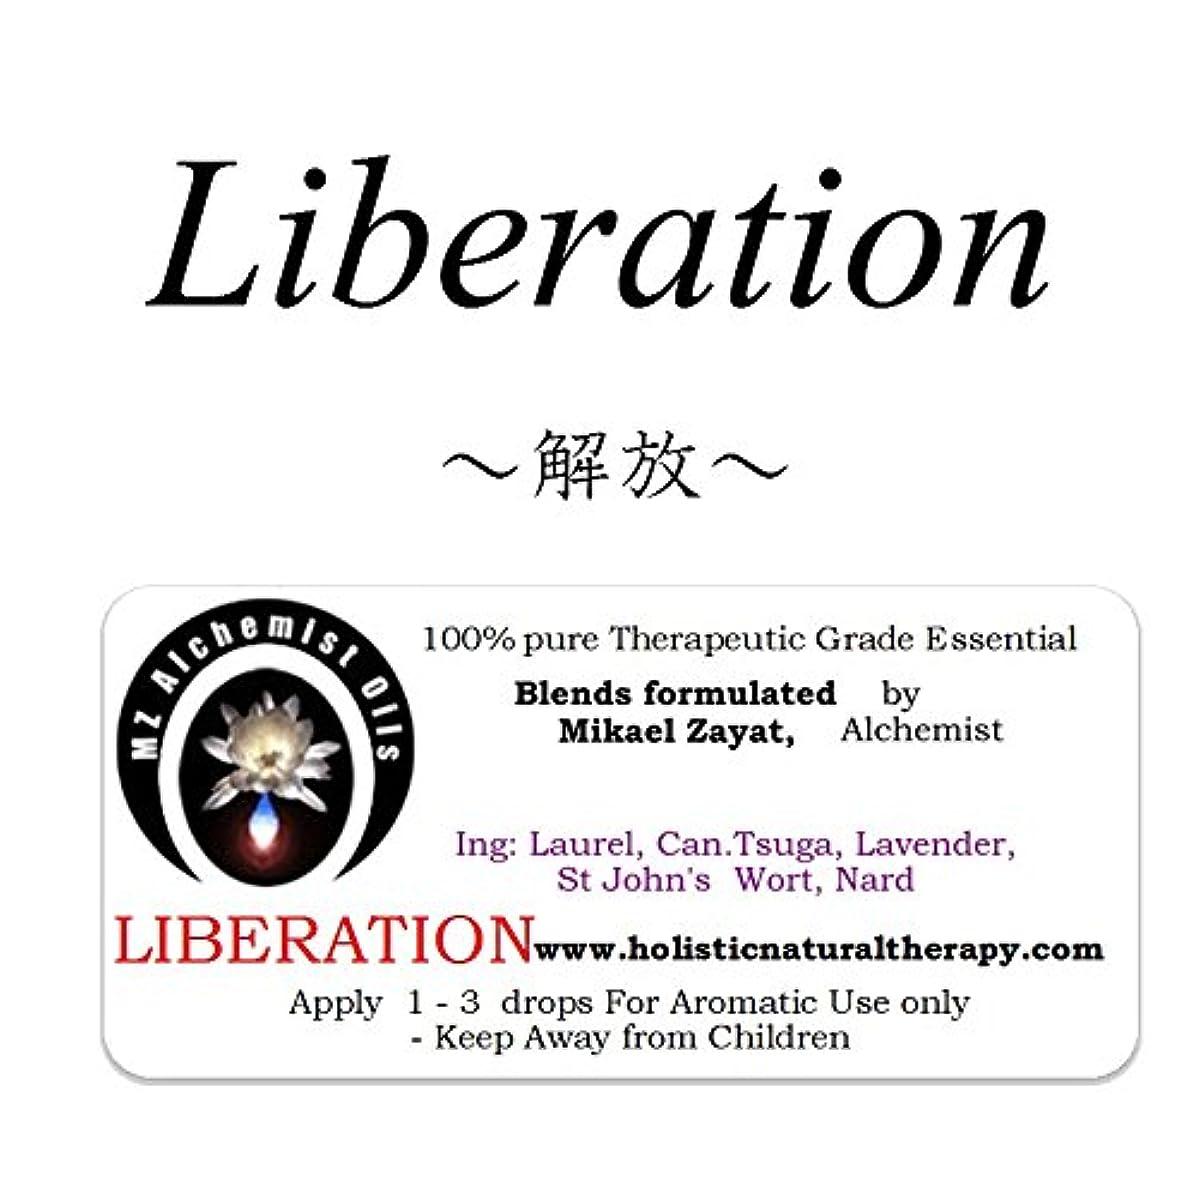 磁器告発ペチコートミカエル?ザヤットアルケミストオイル セラピストグレードアロマオイル Liberation-リベレーション(解放)- 4ml